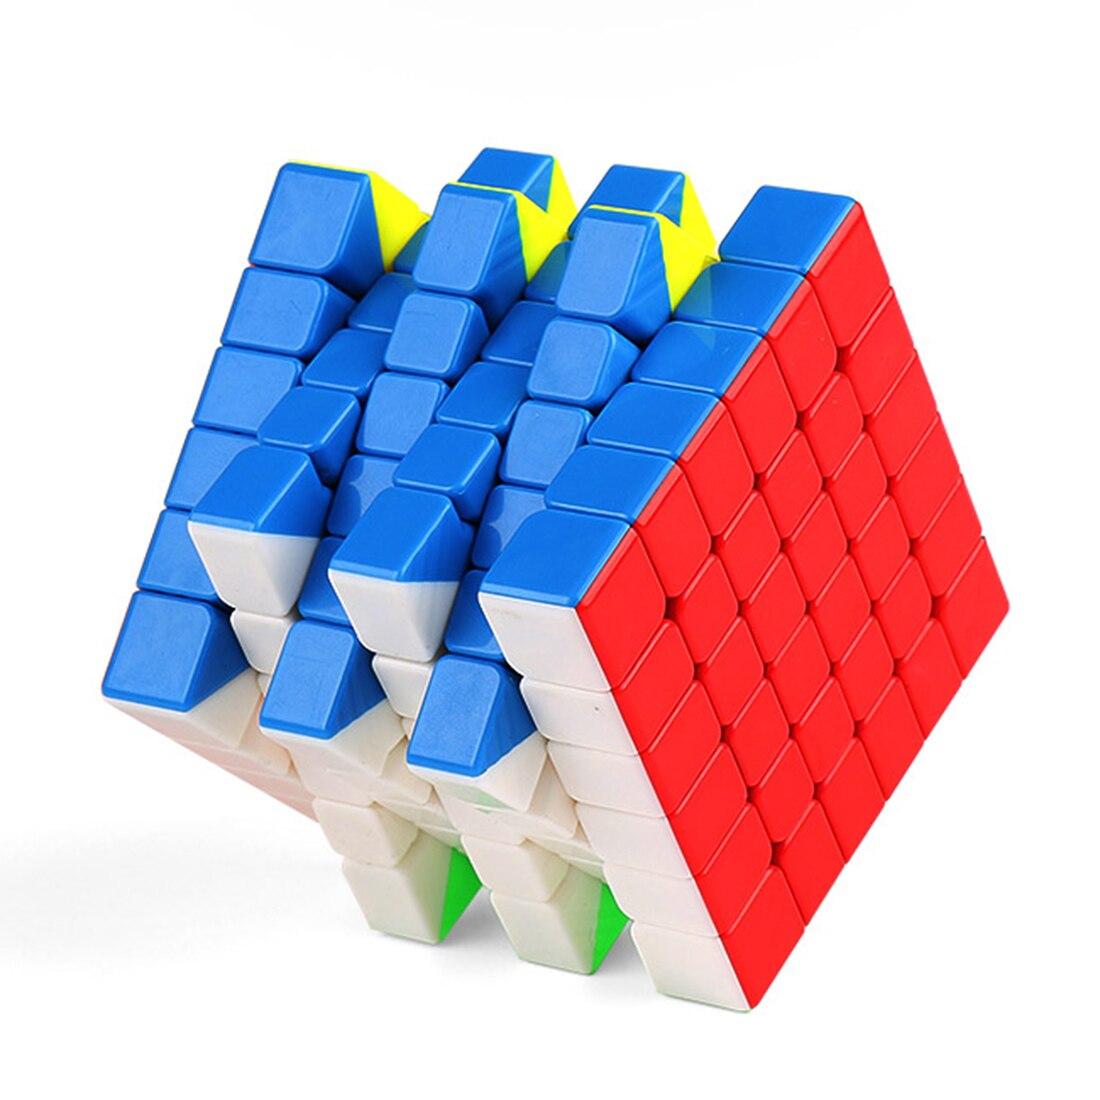 YJ8264 GTS M Version magnétique 6x6 Cube magique pour Traning cérébral-coloré